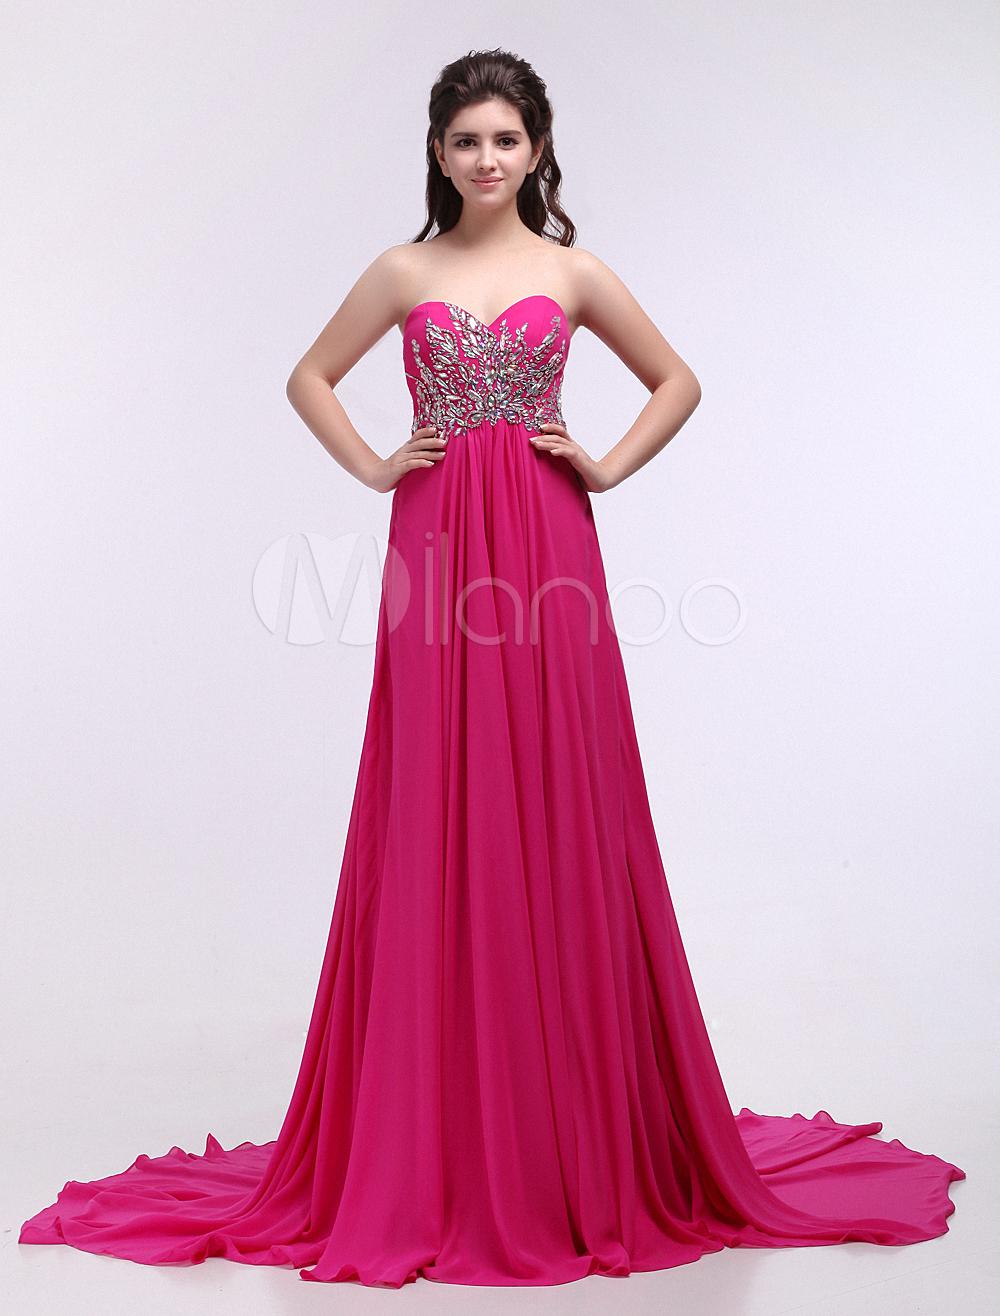 Vestidos de fiesta color rosa fucsia – Vestidos de noche populares 2018